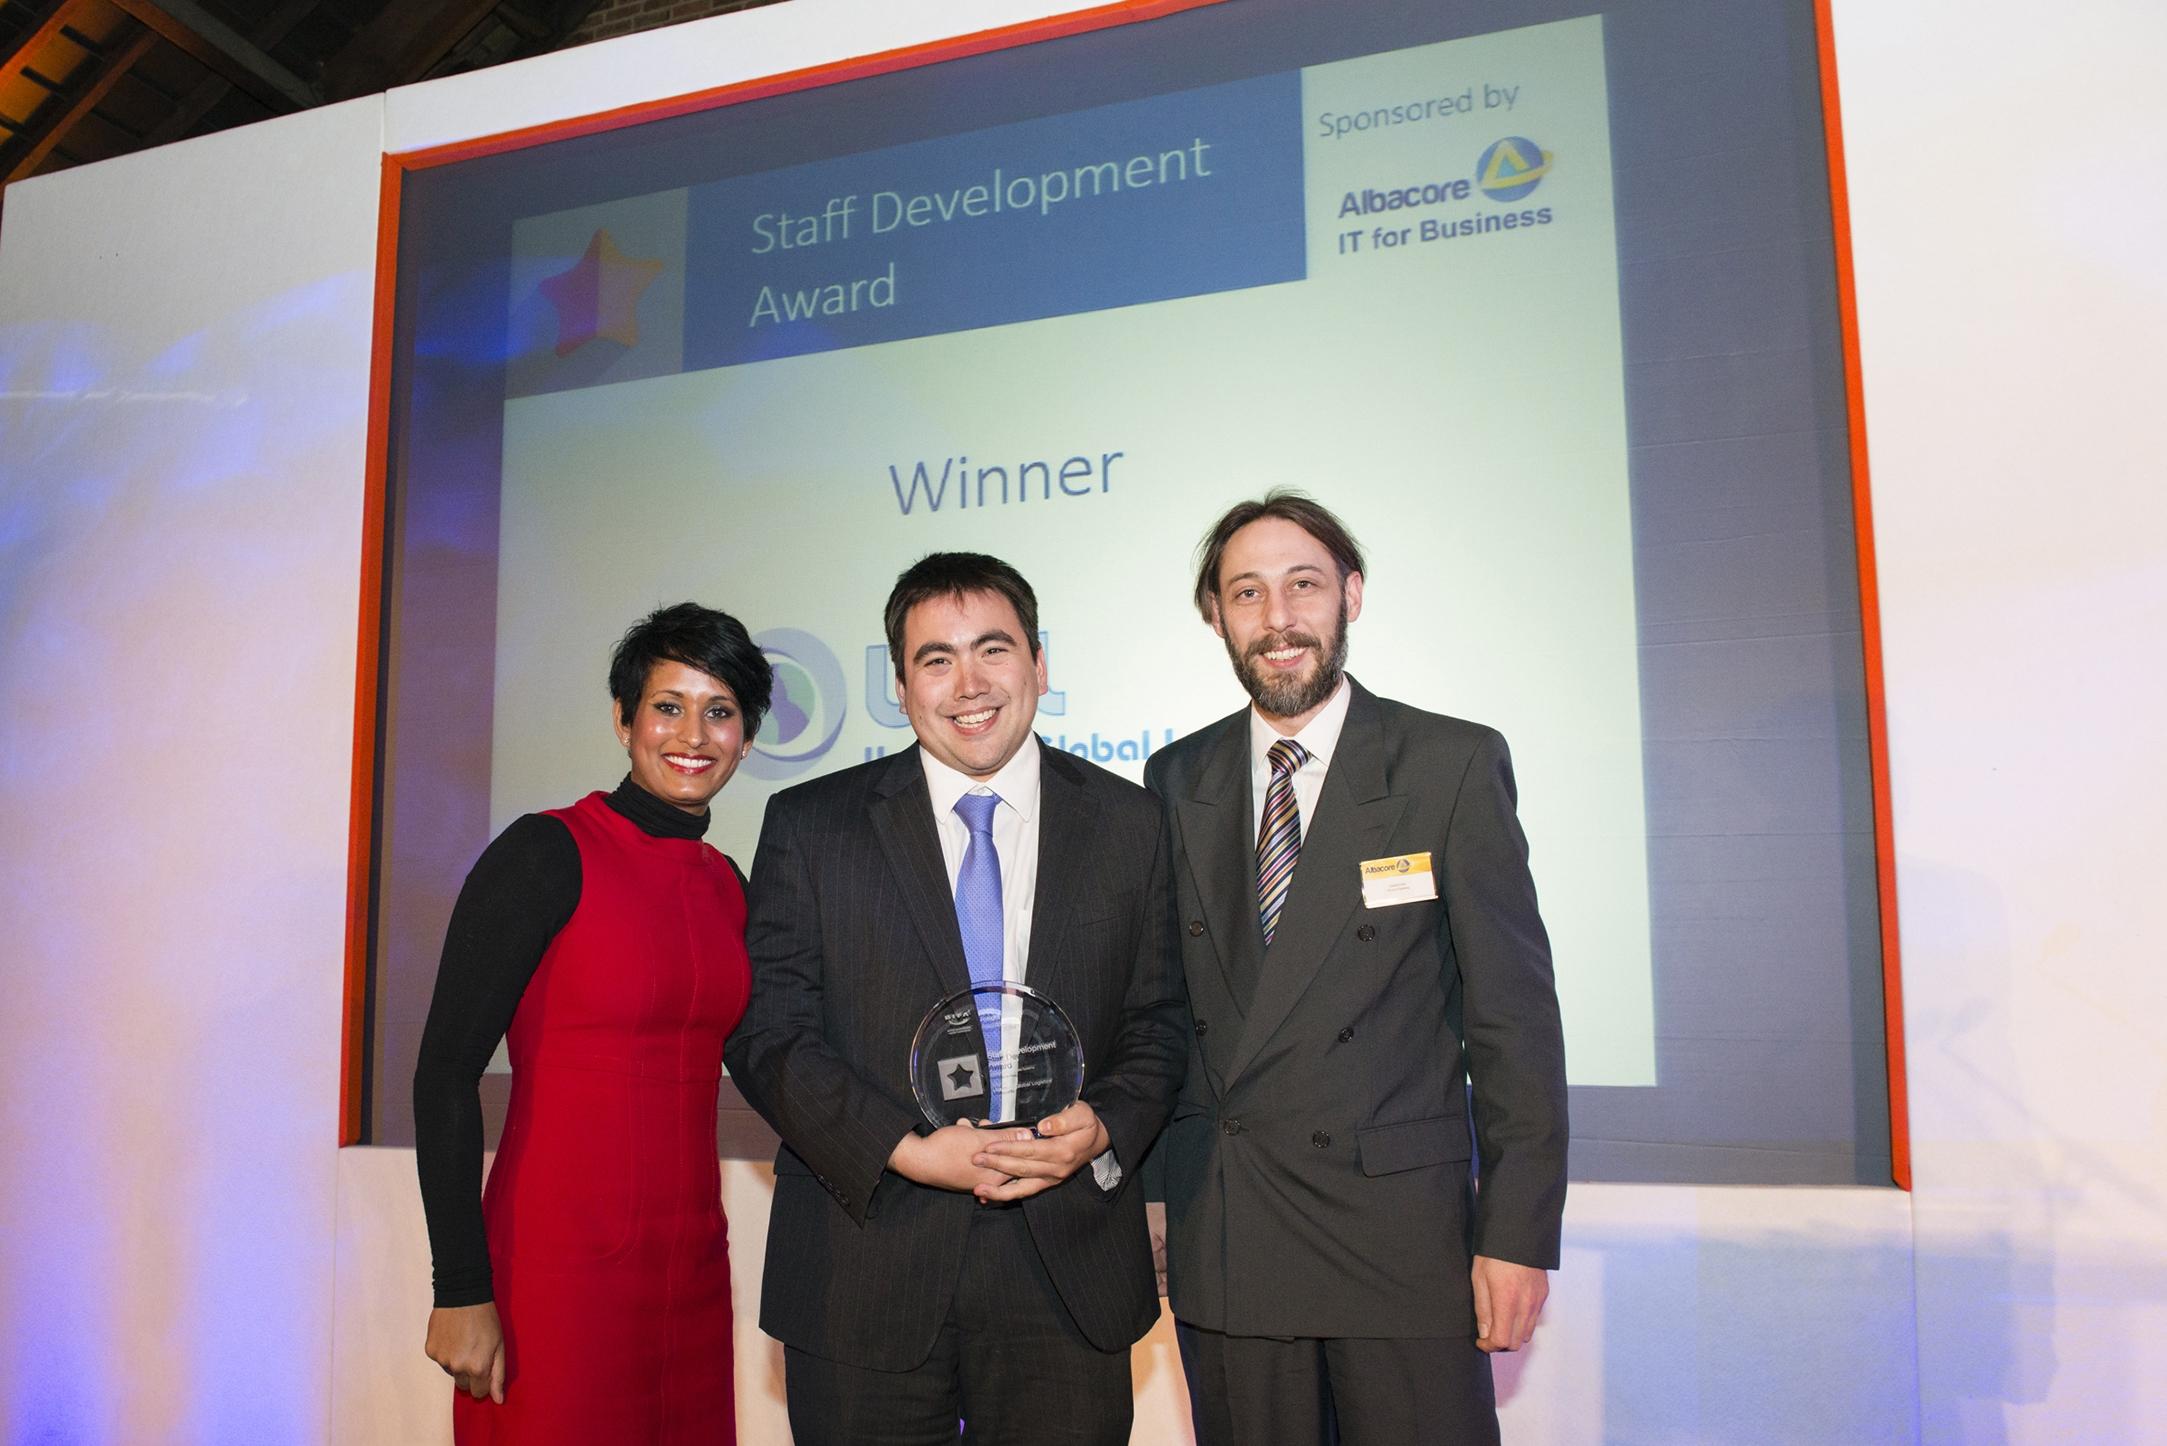 Unsworth Global Logistics win Staff Development Award